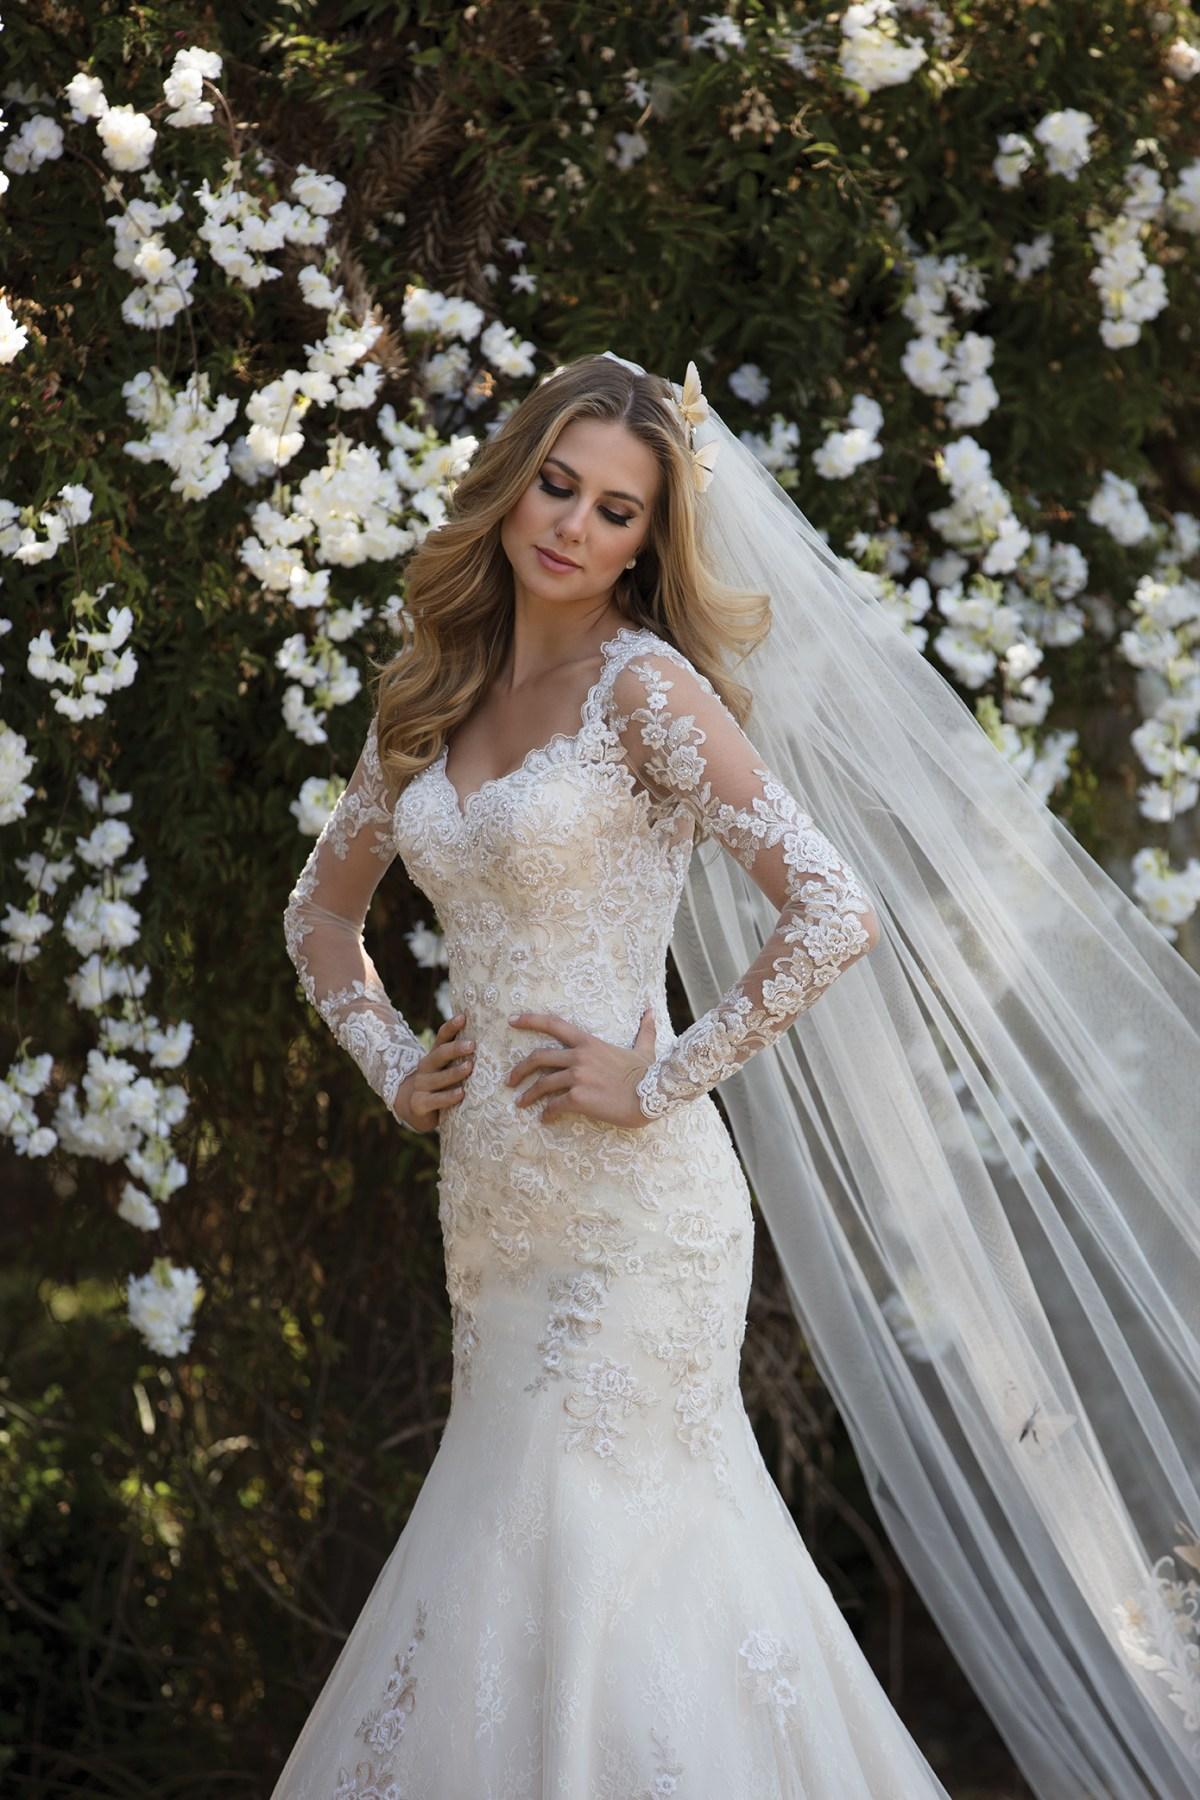 Inspirações para vestidos de noiva - Modelo Estrelícia